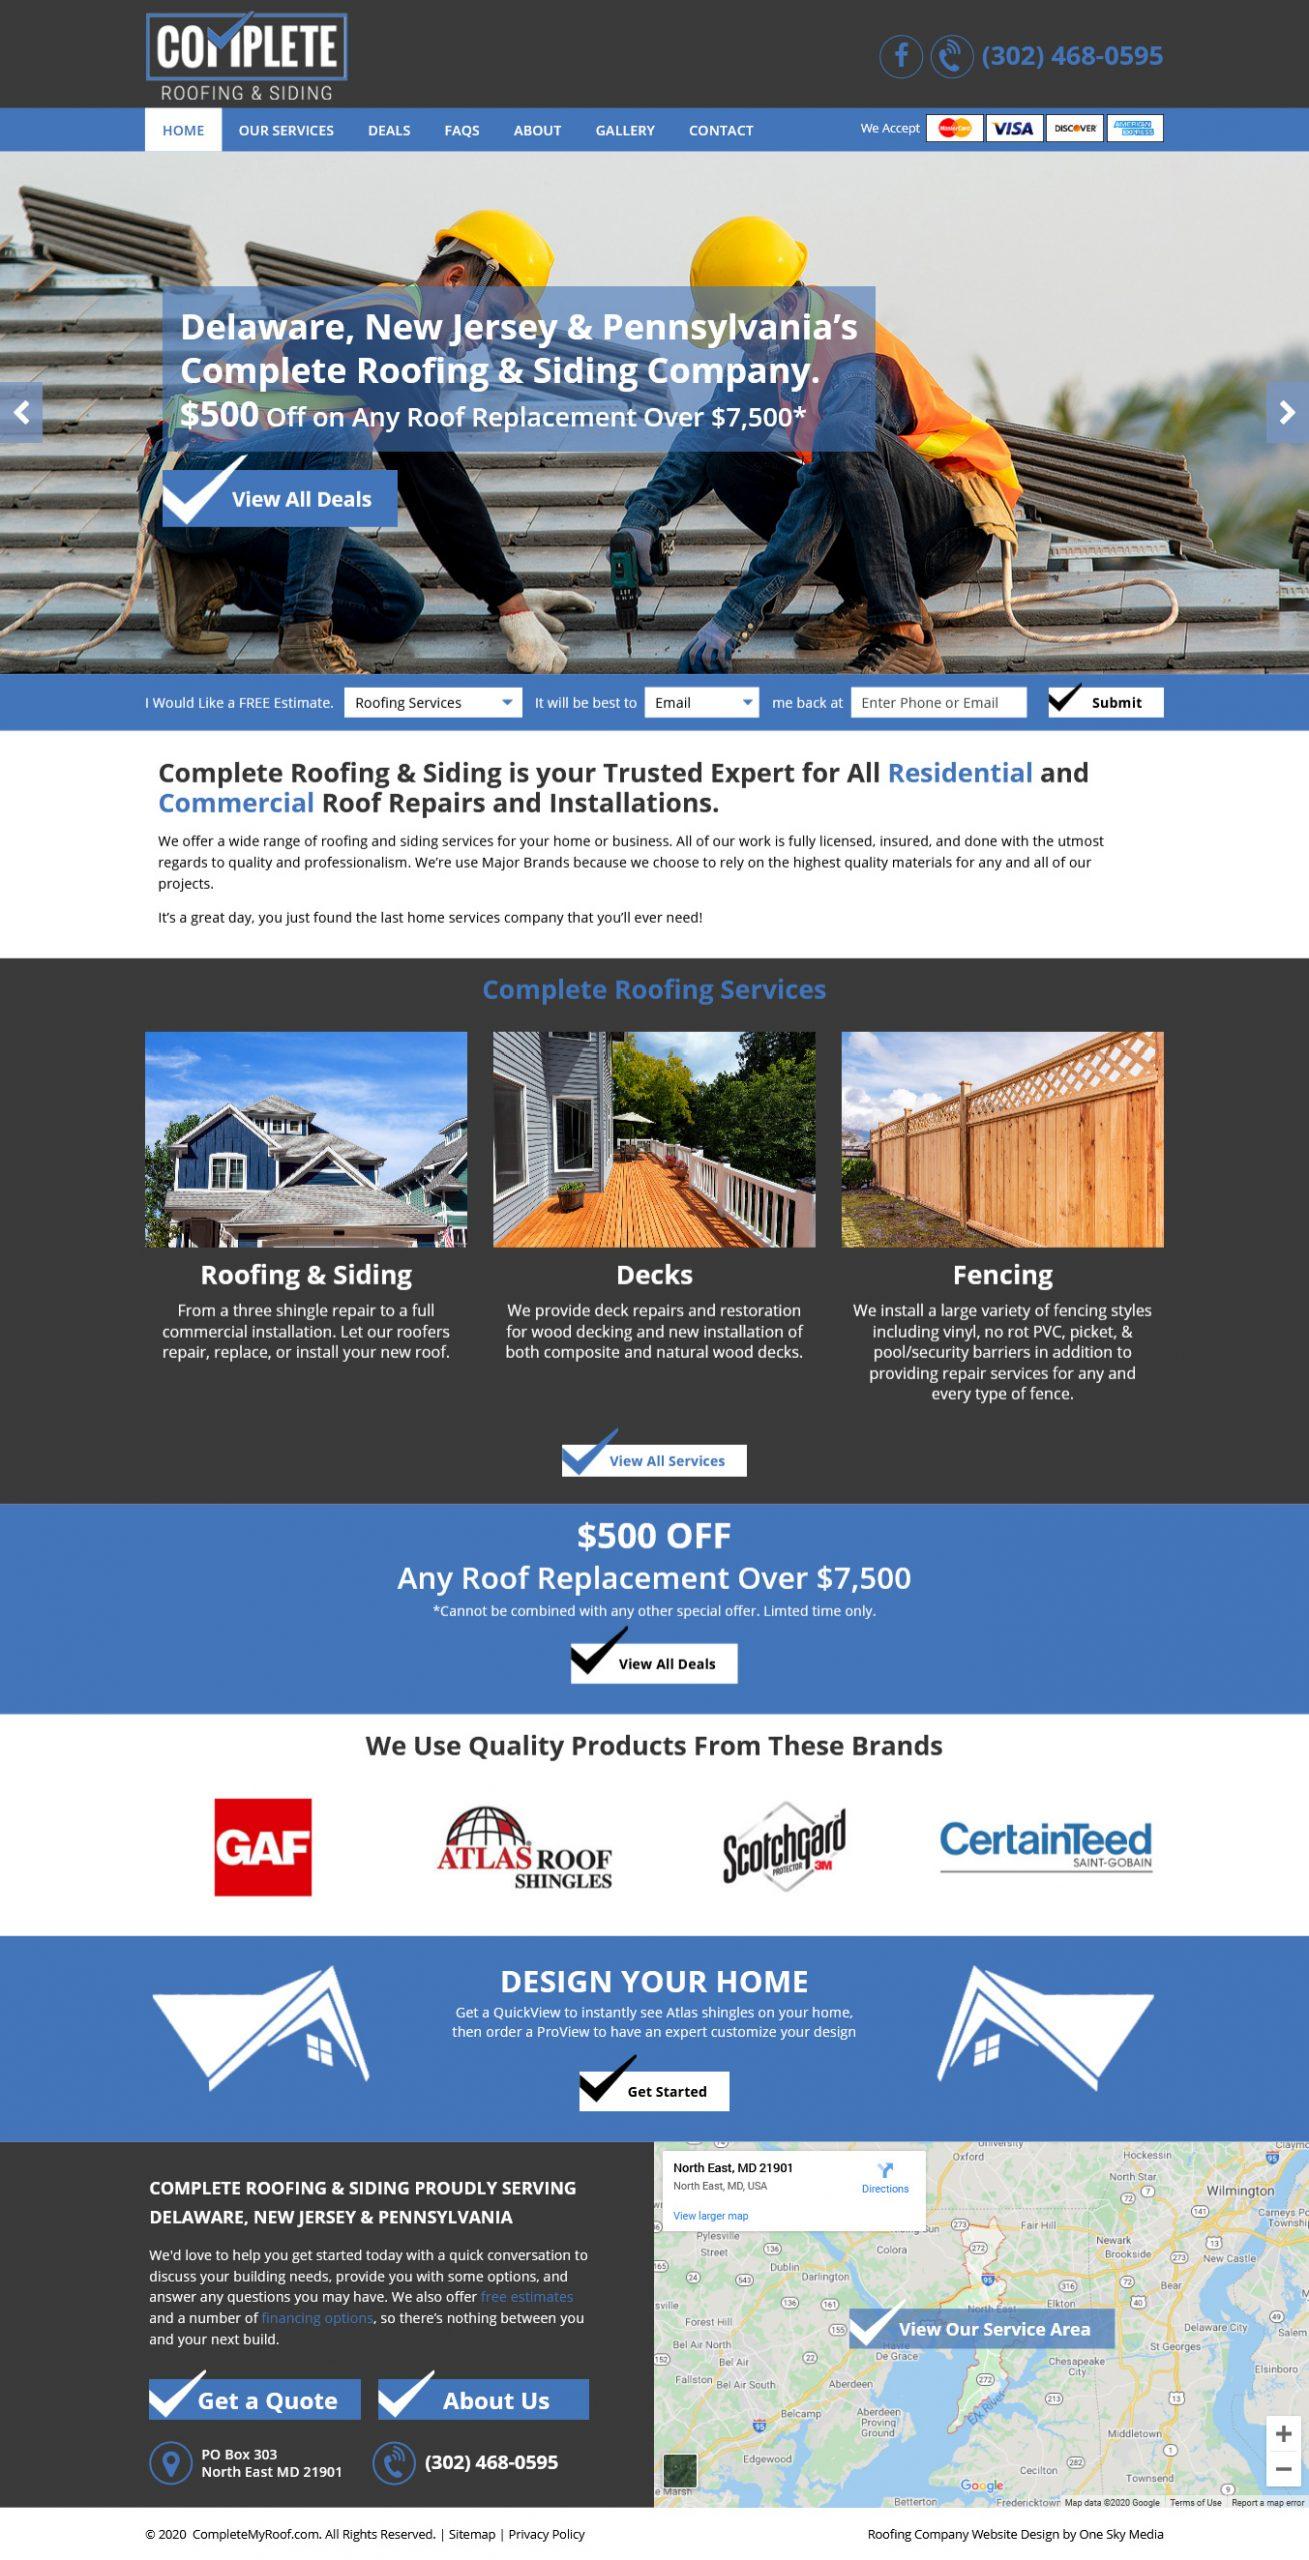 Complete Roofing & Siding Website Design